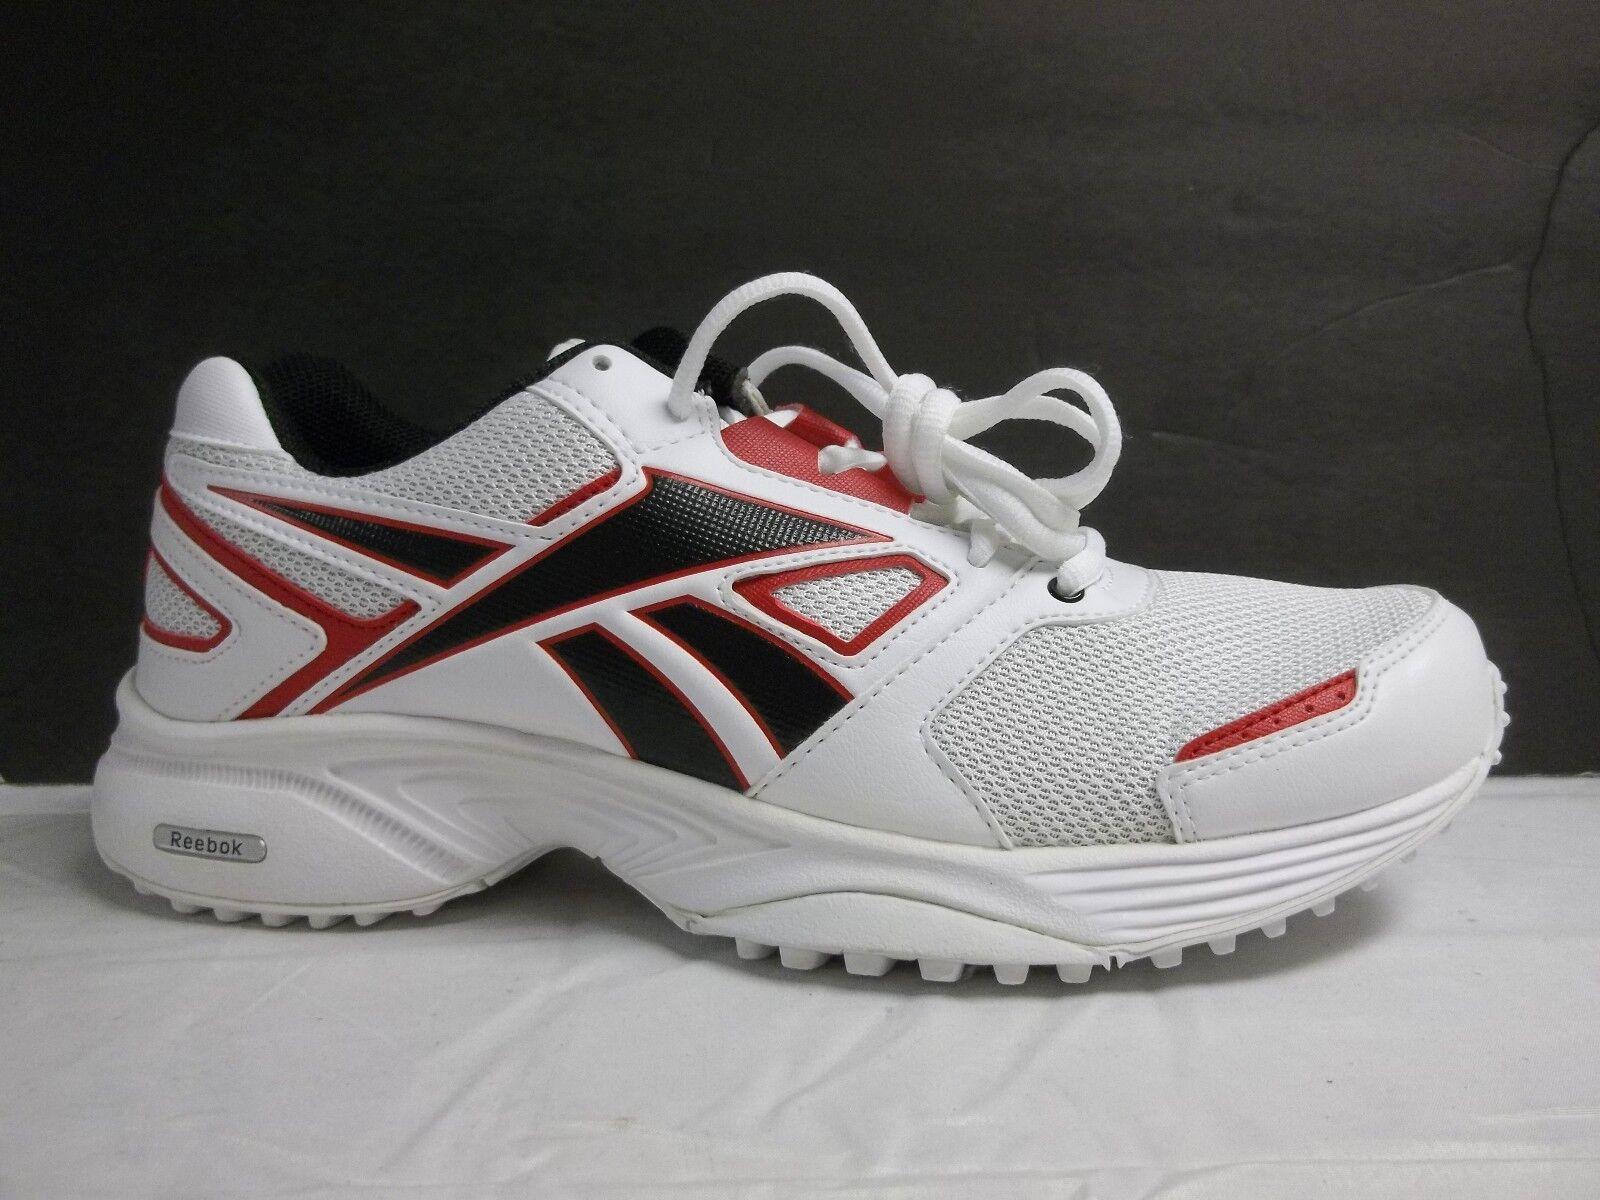 Reebok Tamaño 11 Tenis Atléticas con blancoo Entrenador M Advanced Nuevos Zapatos para Hombre Nuevo Sin Caja